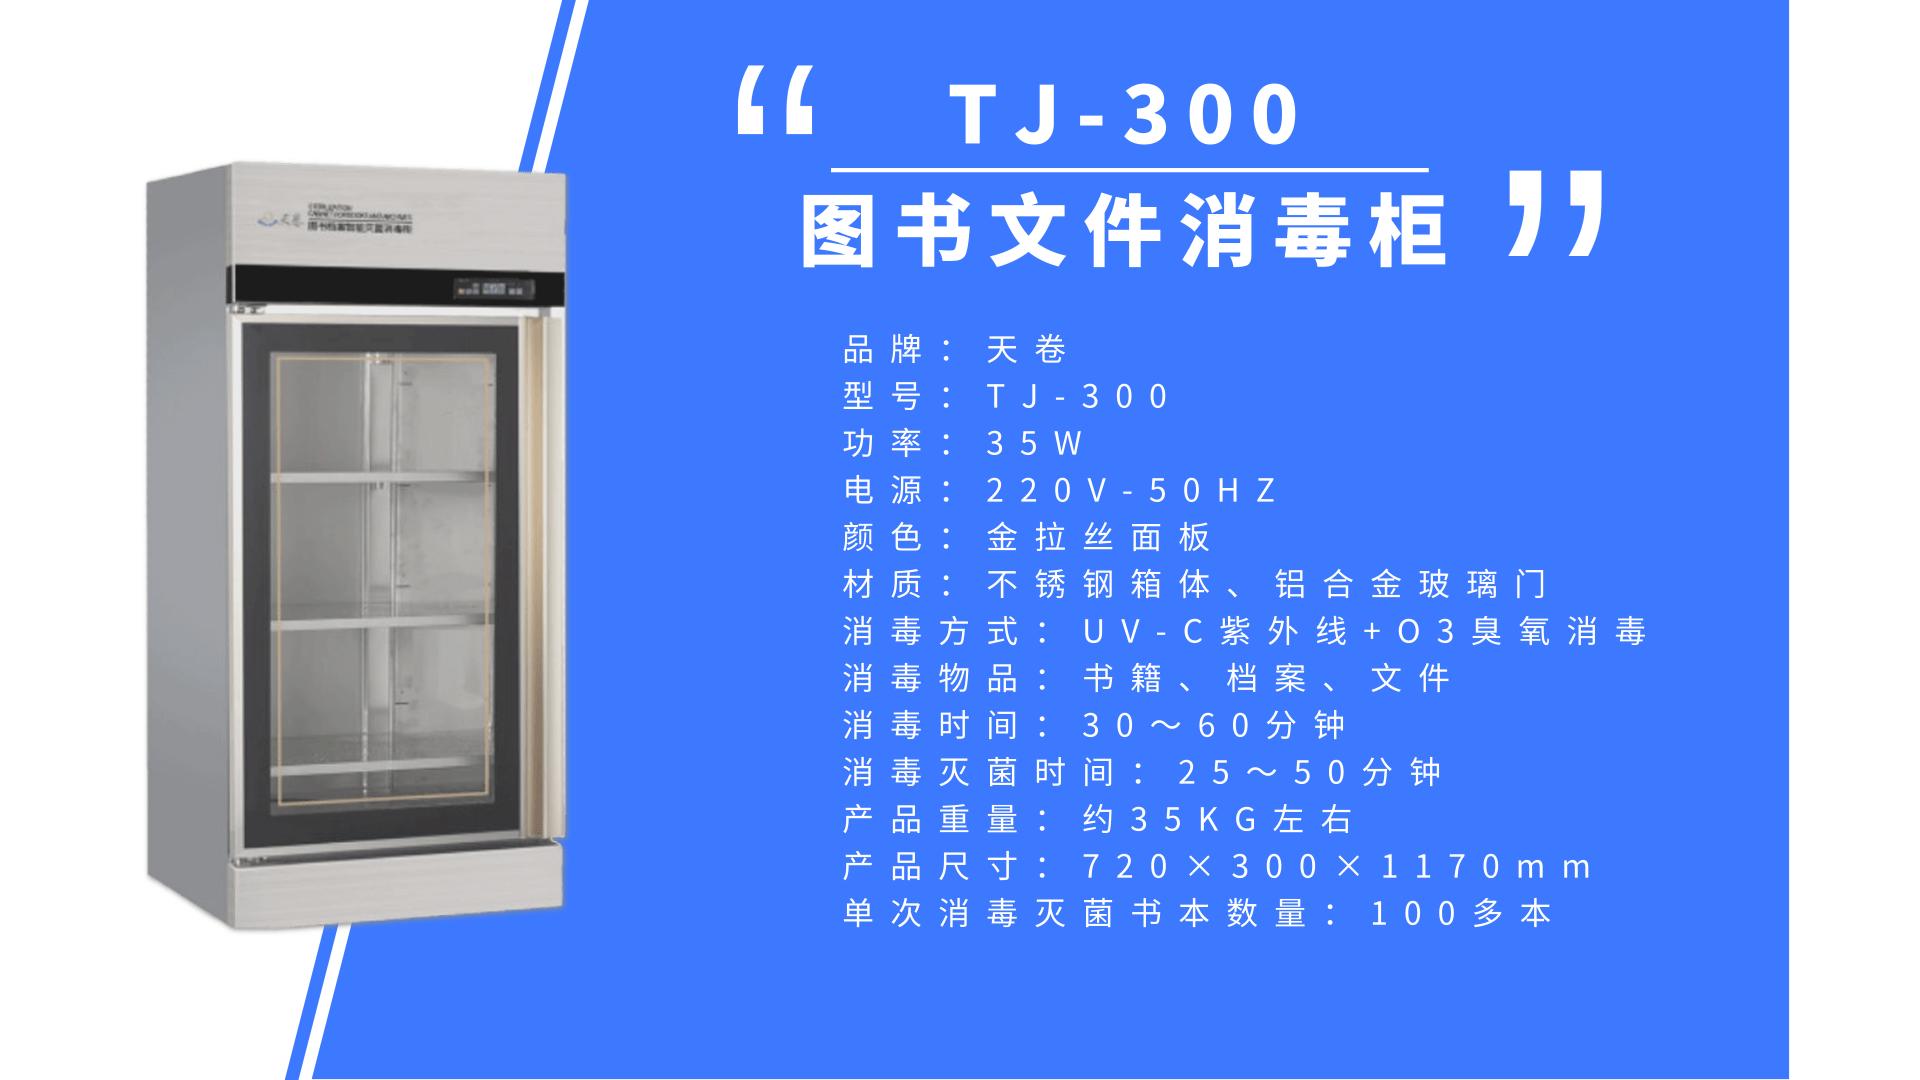 TJ-300-1.png